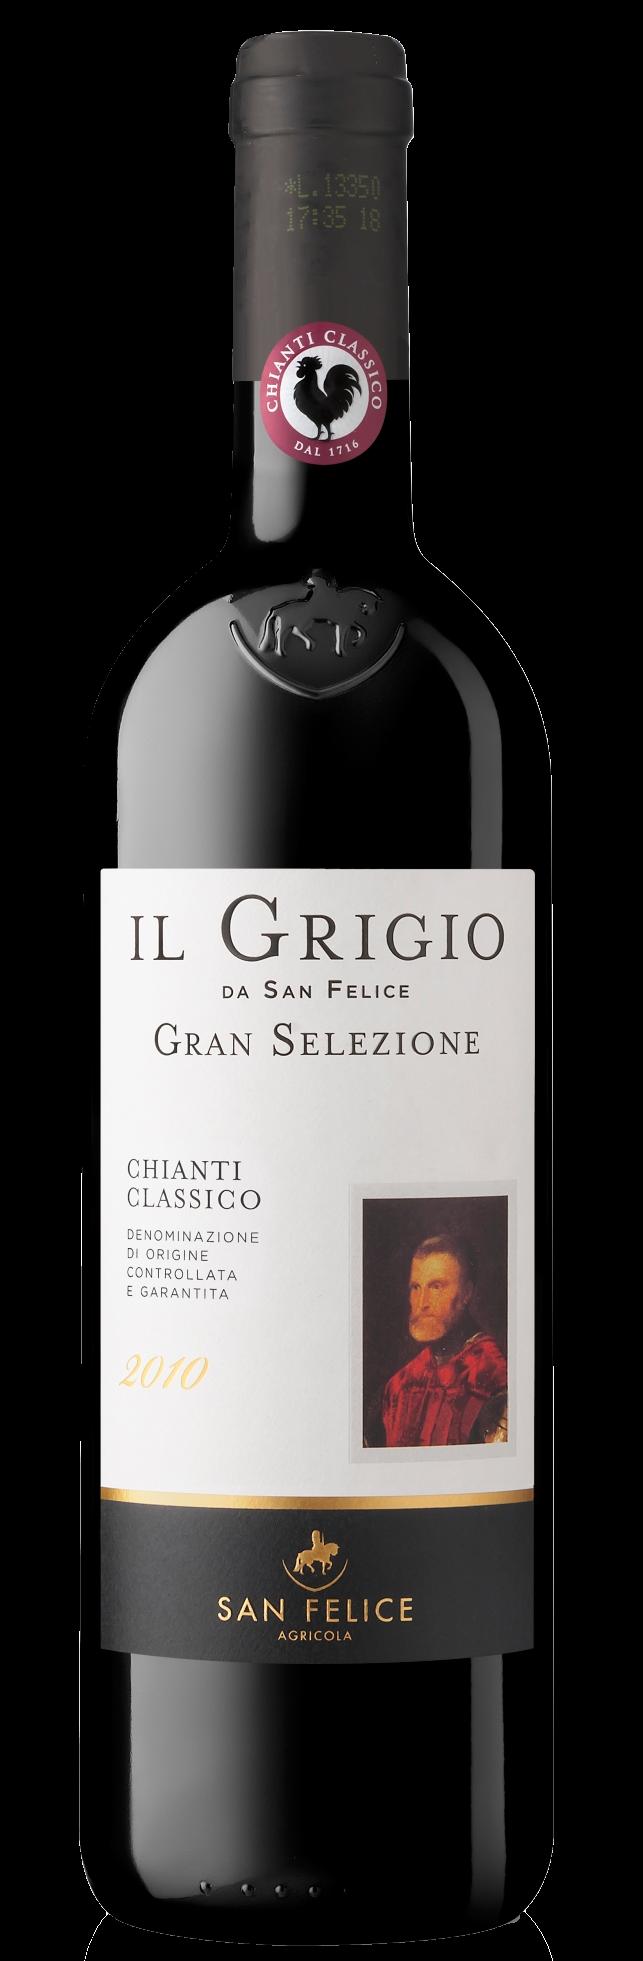 Il Grigio Chianti Classico Gran Selezione DOCG 2013